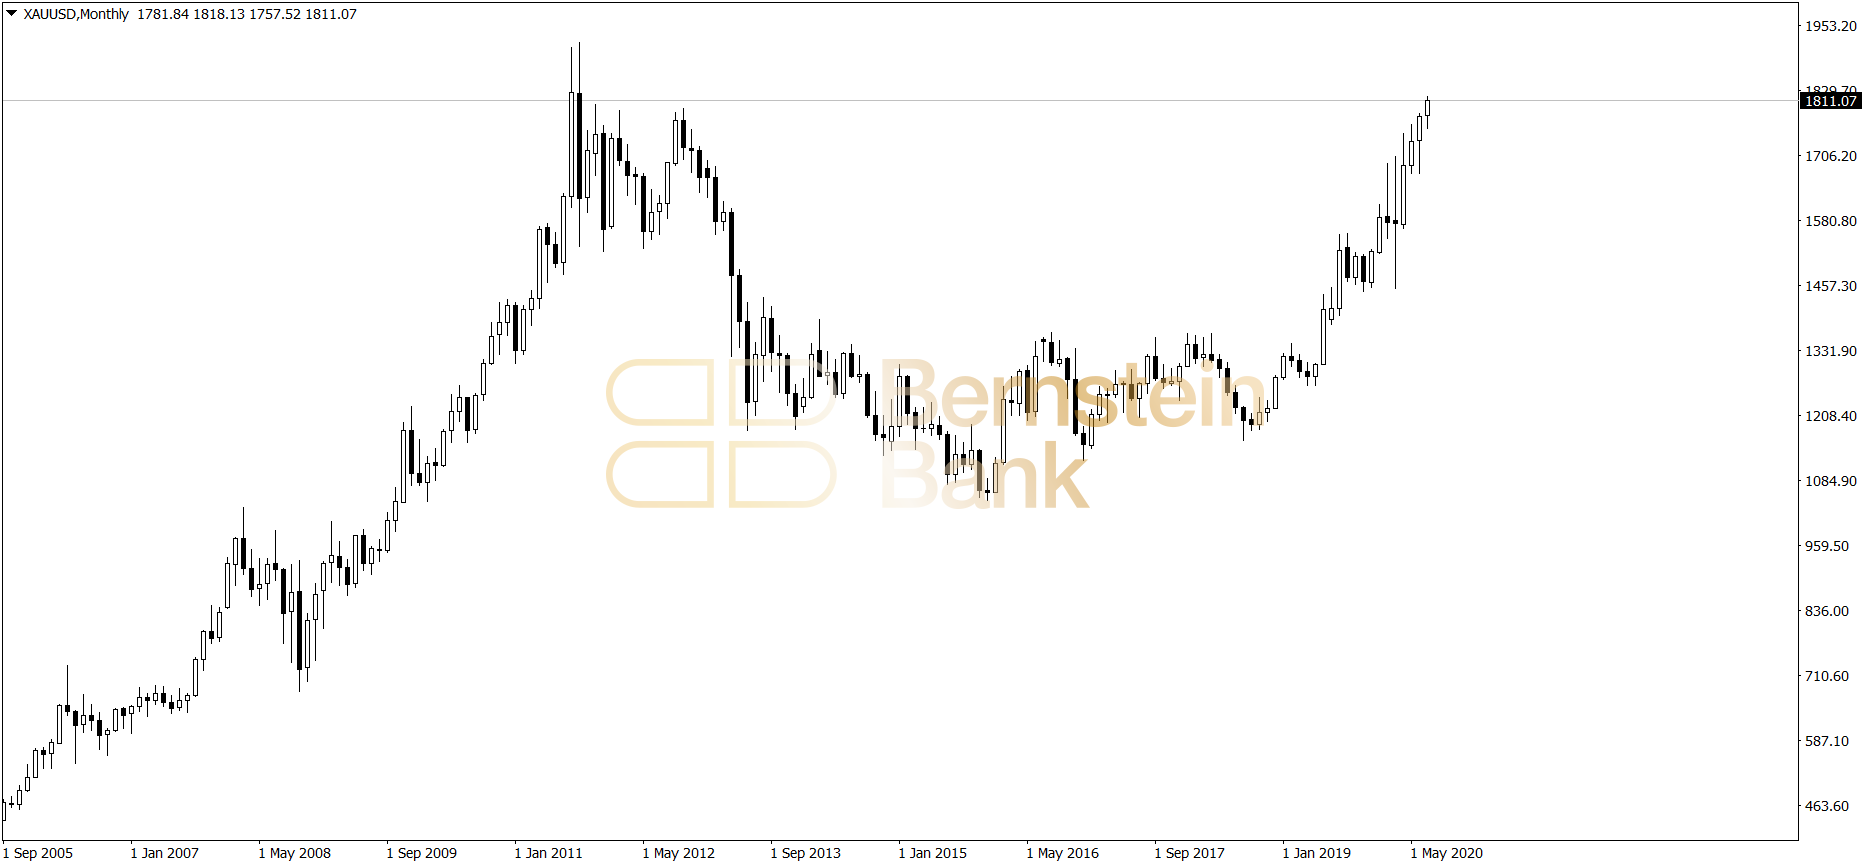 Cena złota - wykres miesięczny - 09072020